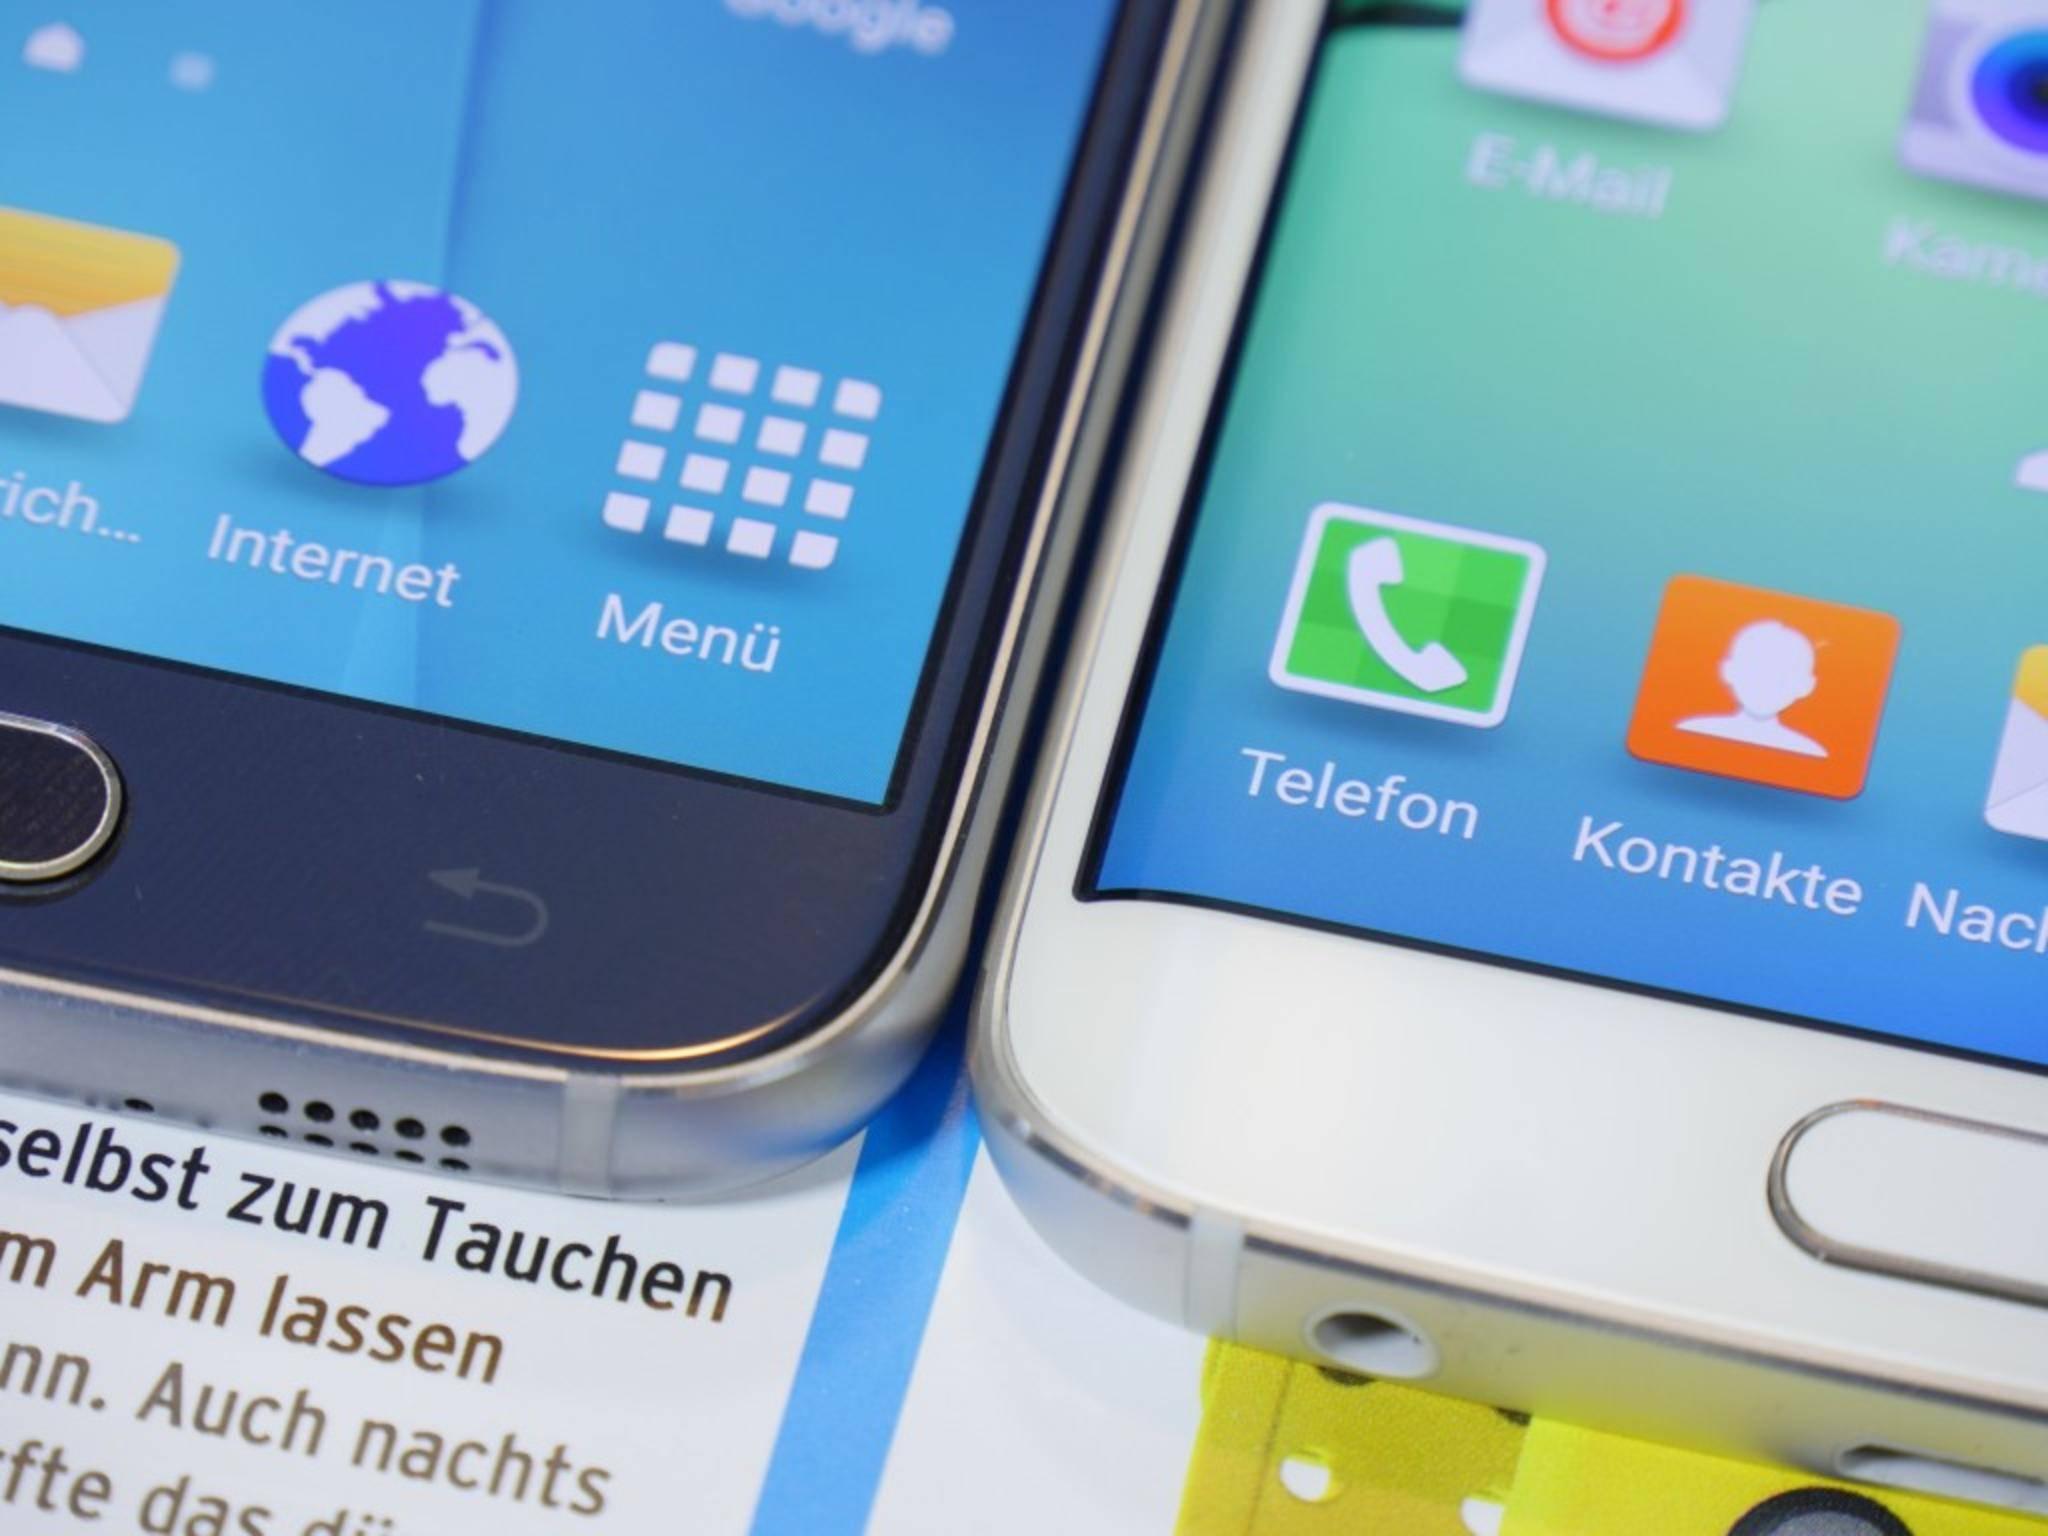 Das Samsung Galaxy S6 schrieb anfangs mit RAM-Problemen Schlagzeilen.